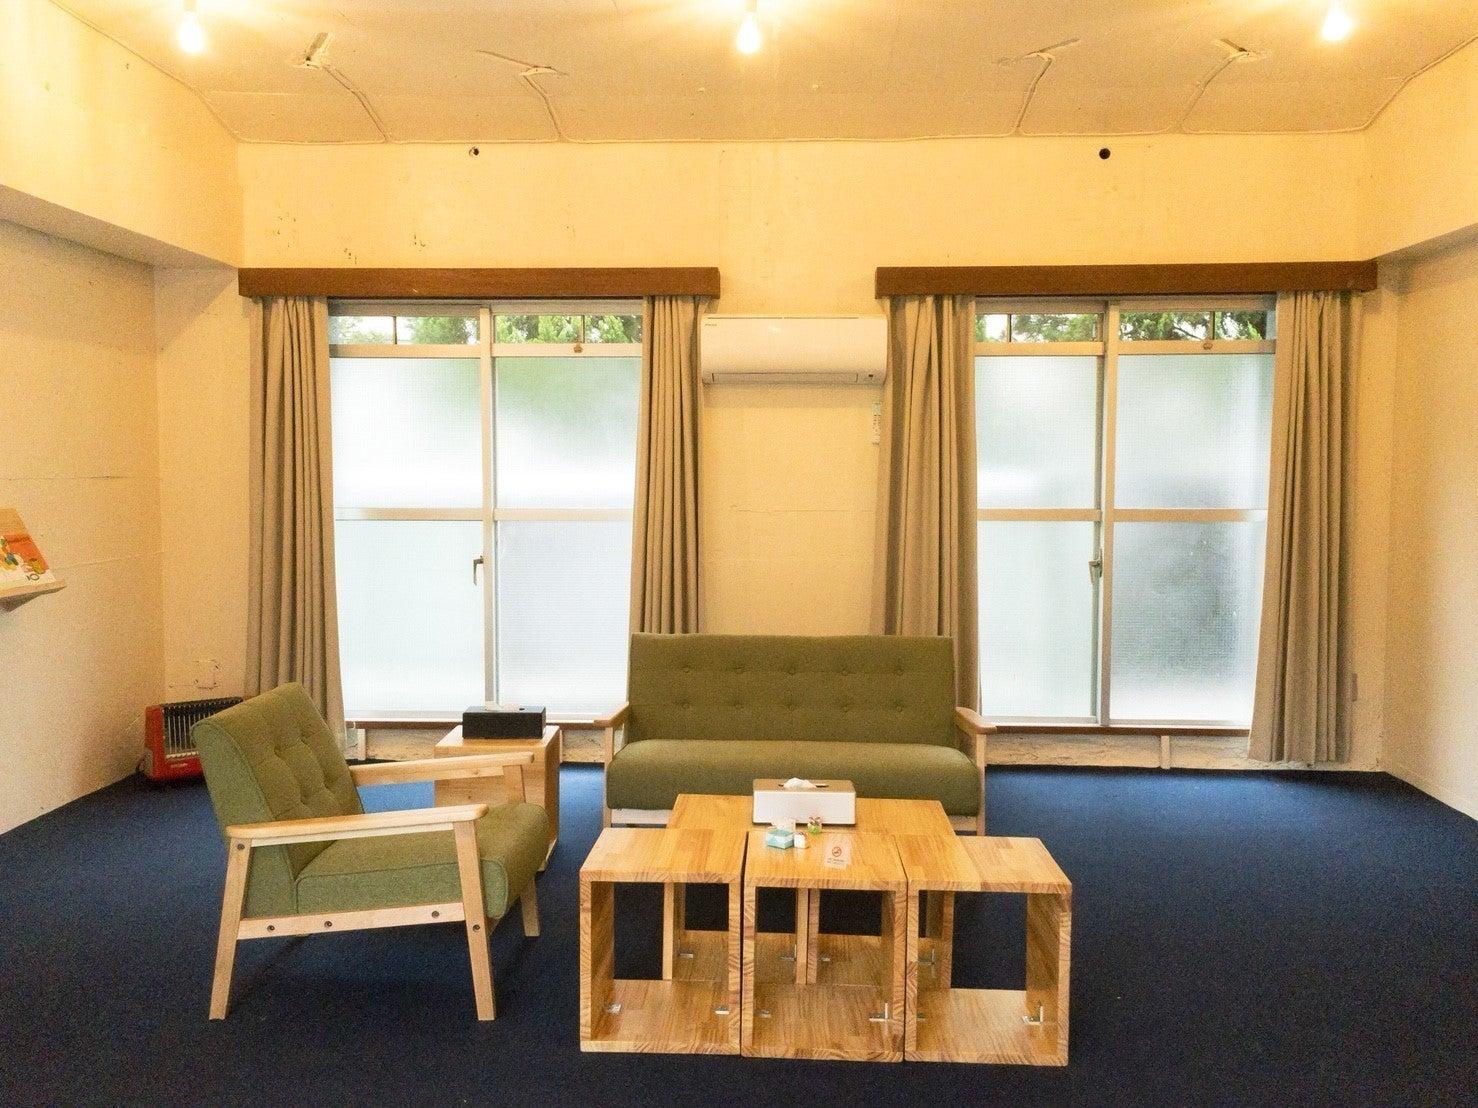 【Shibamata FU-TEN Bed and Local】ライブラリールーム(イベントOK) の写真